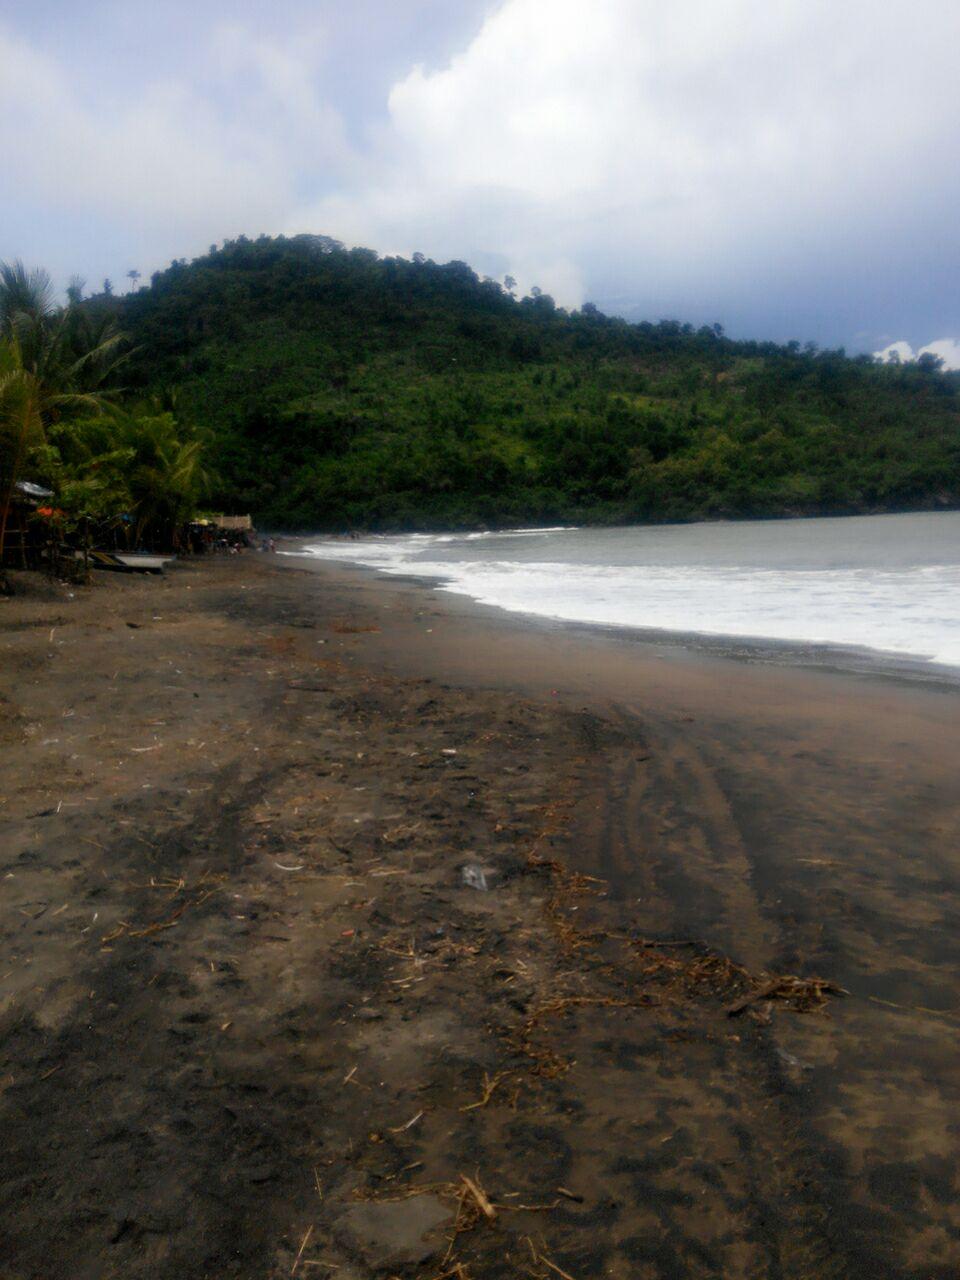 Pantai Konang Trenggalek Kacamatawisata Kota Memiliki Lokasi Wisata Keren Cocok